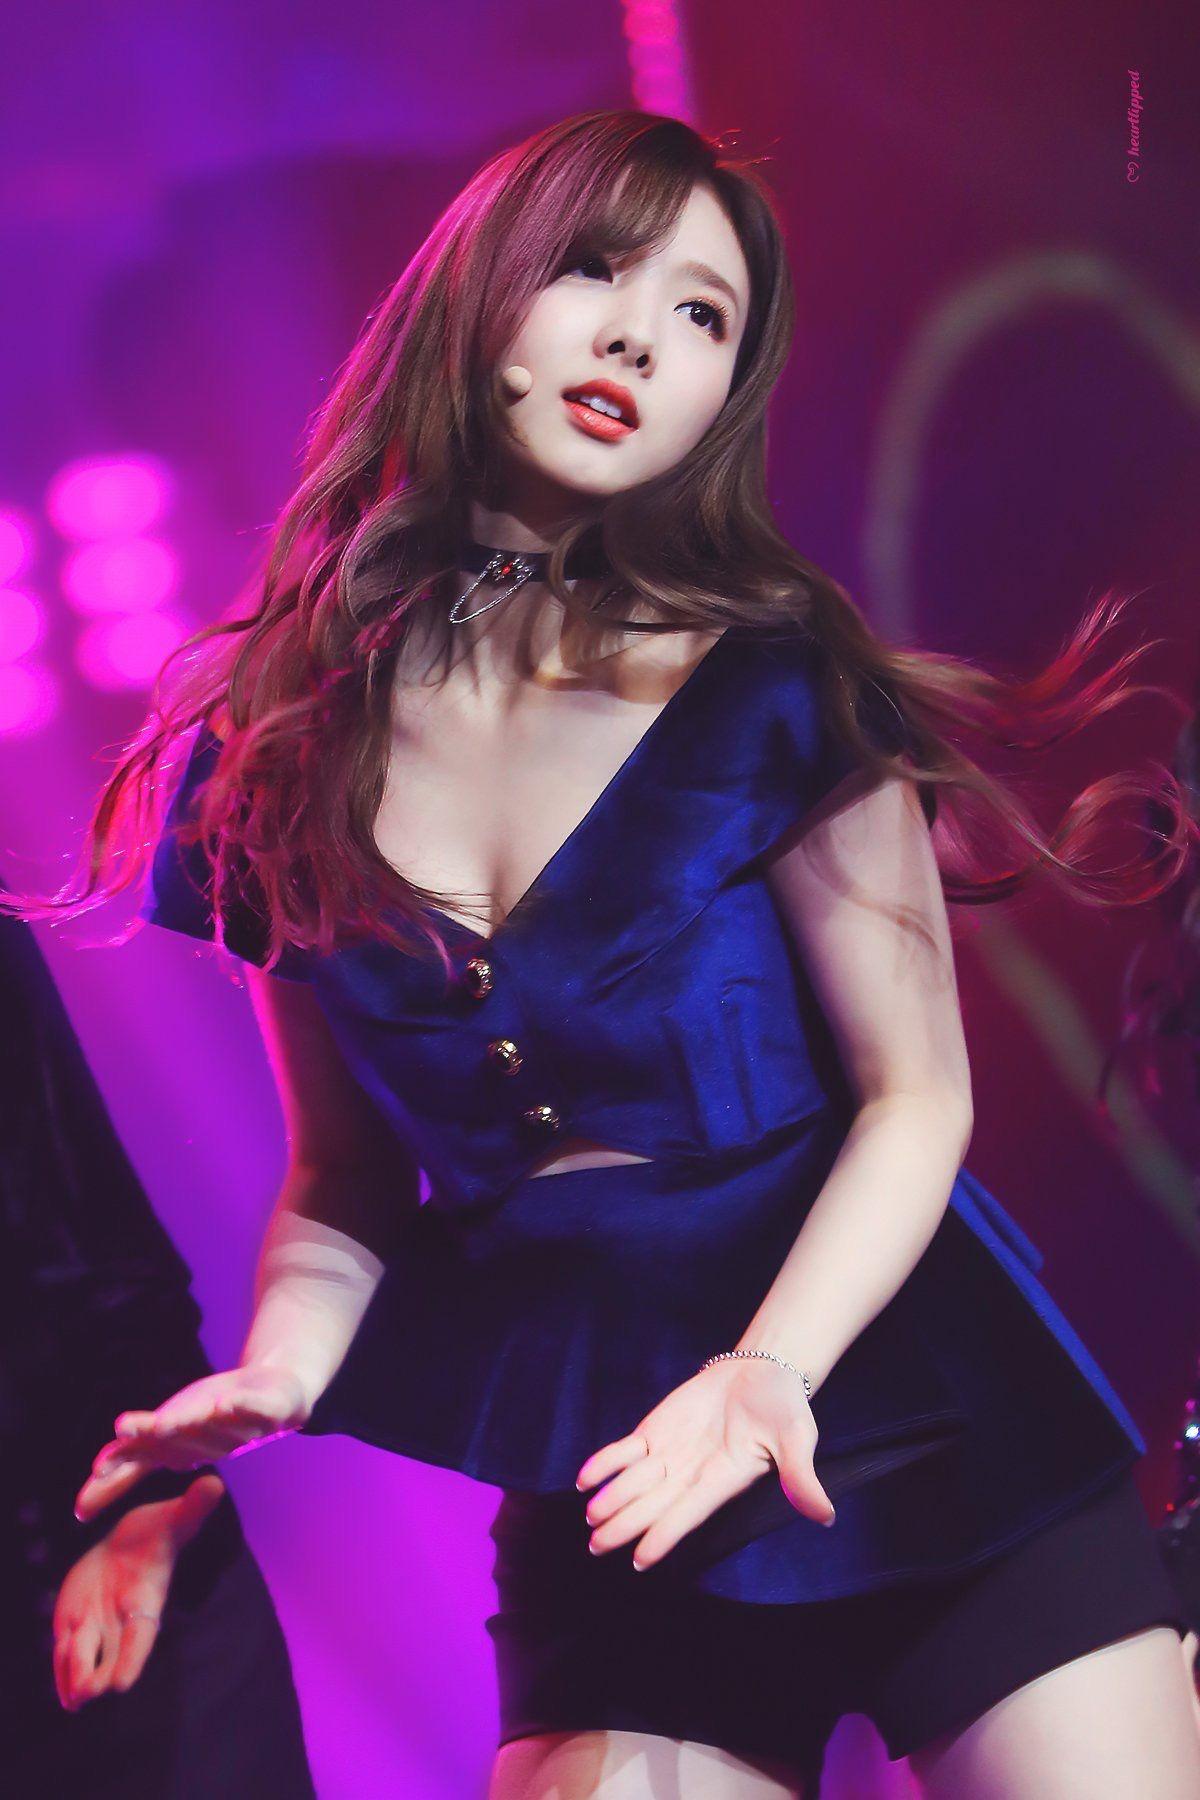 """Nayeon sexy hóa ra sở hữu body """"sexy ngùn ngụt"""", lên đồ lấp ló tí teo cũng đủ khiến netizen choáng váng - Ảnh 6."""